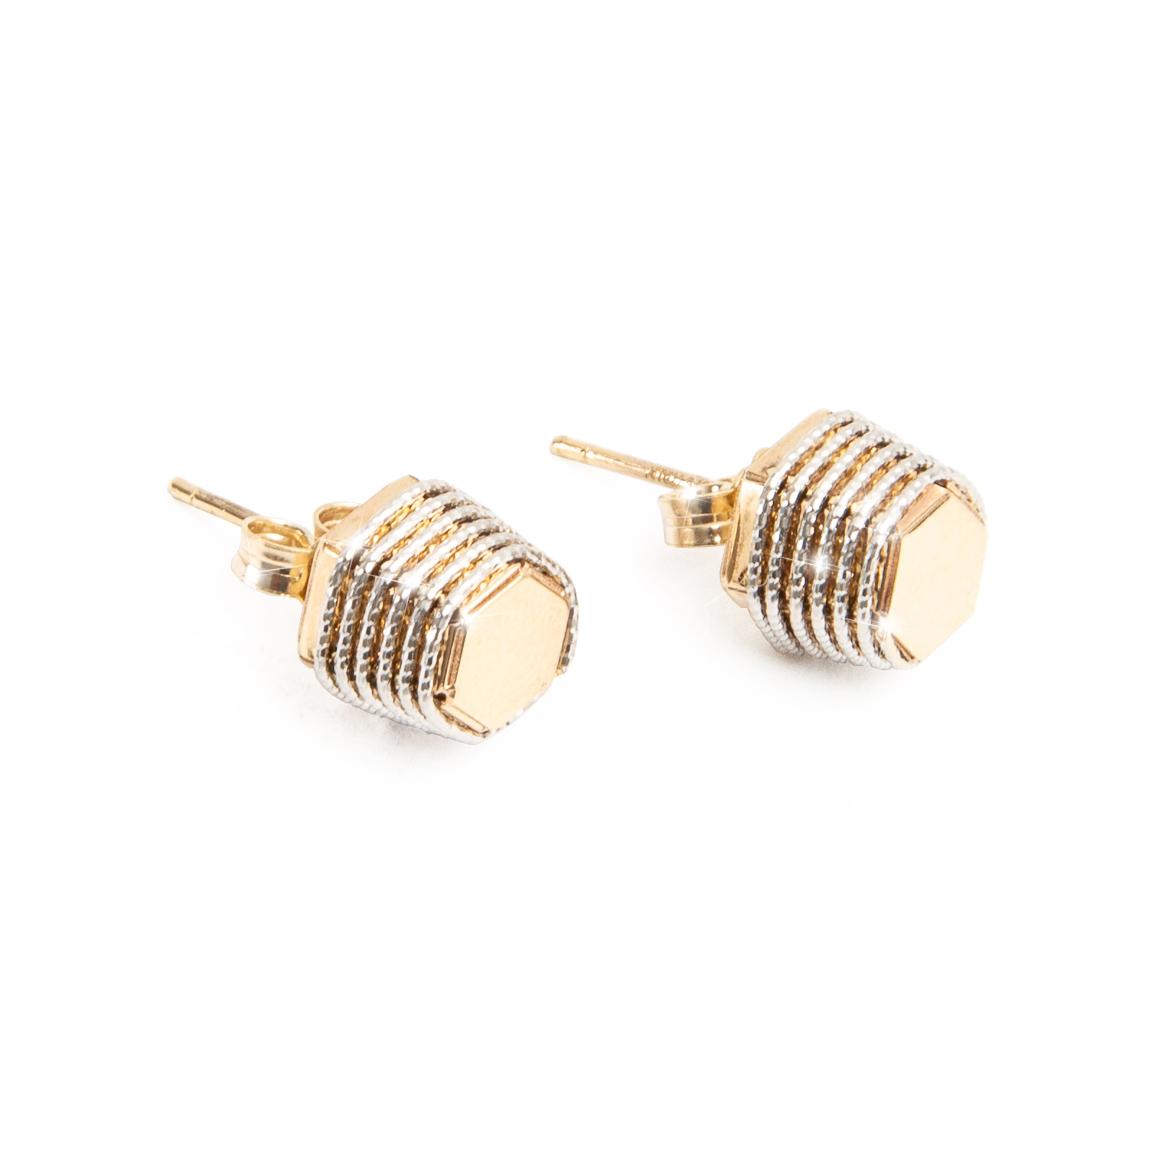 Giuliana Mancinelli Bonafaccia gold Fine Prickly Earrings.jpg